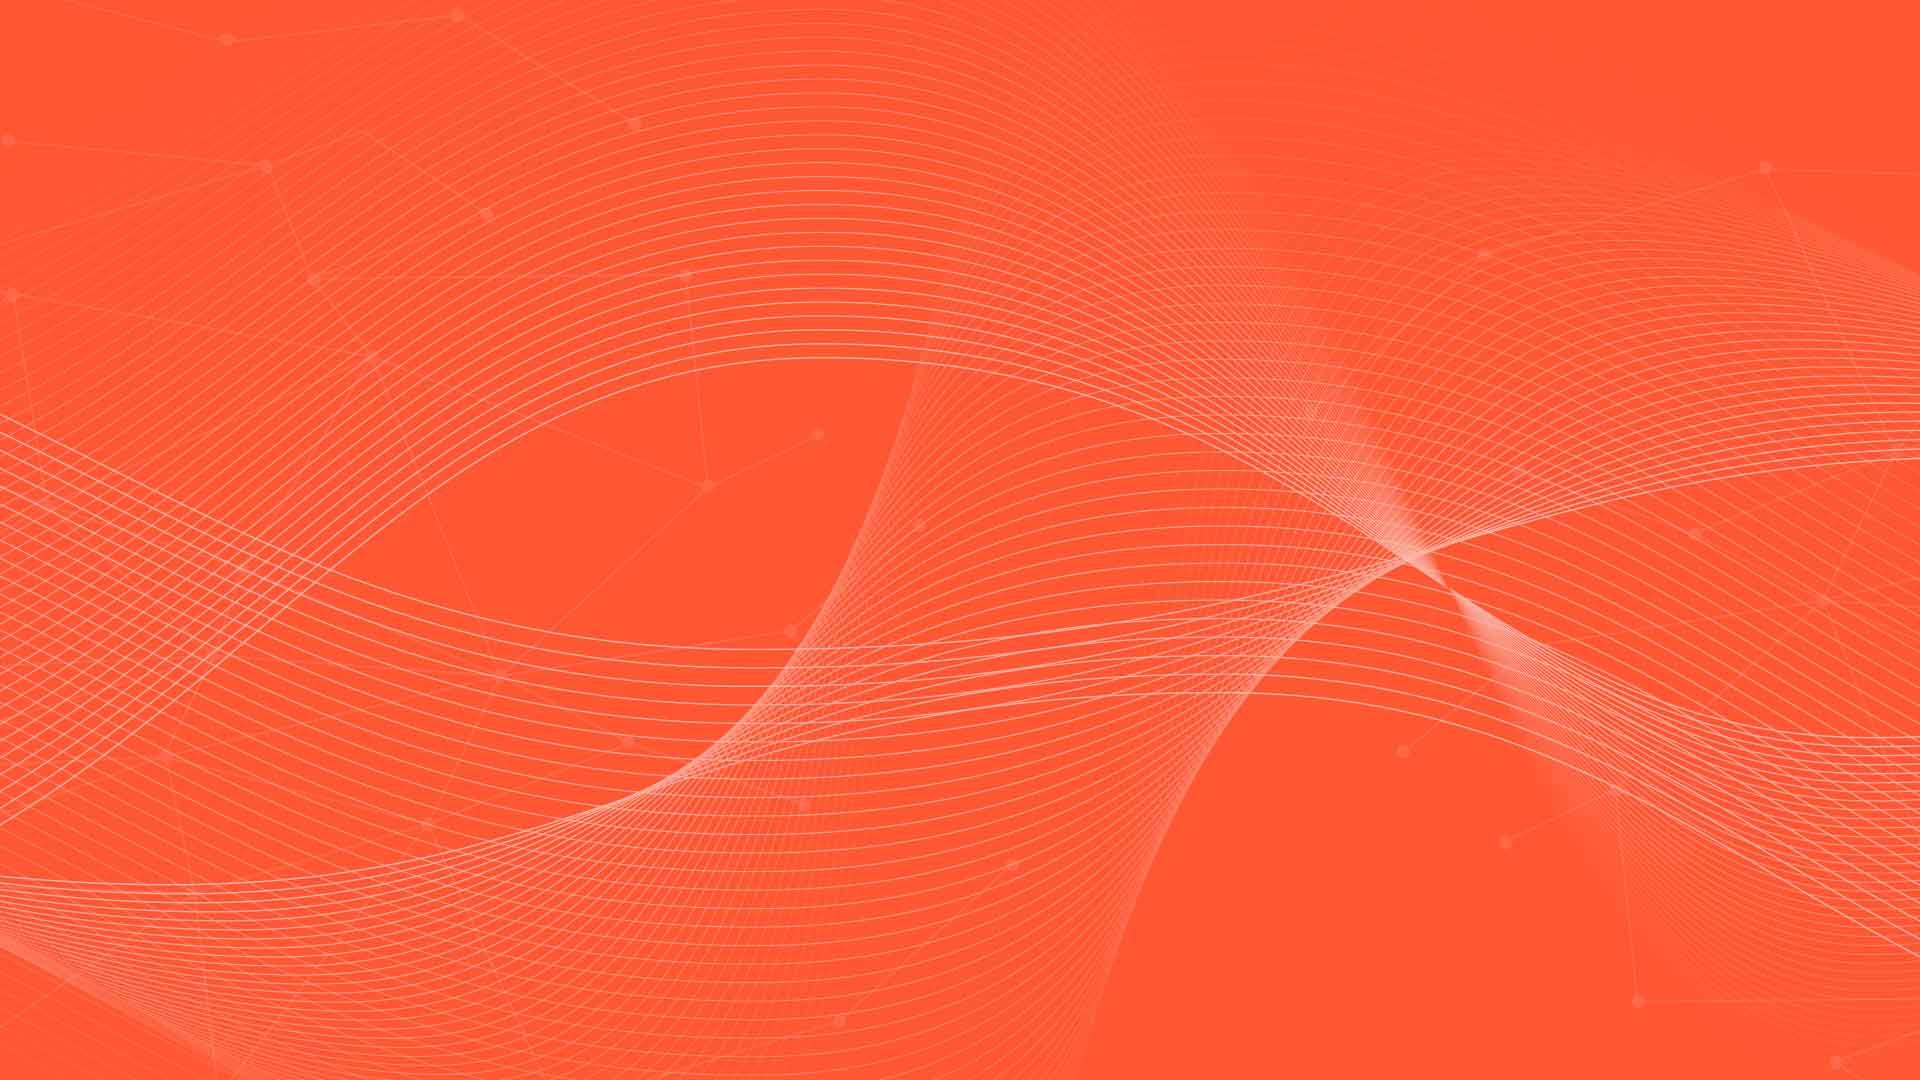 wsdip orange banner